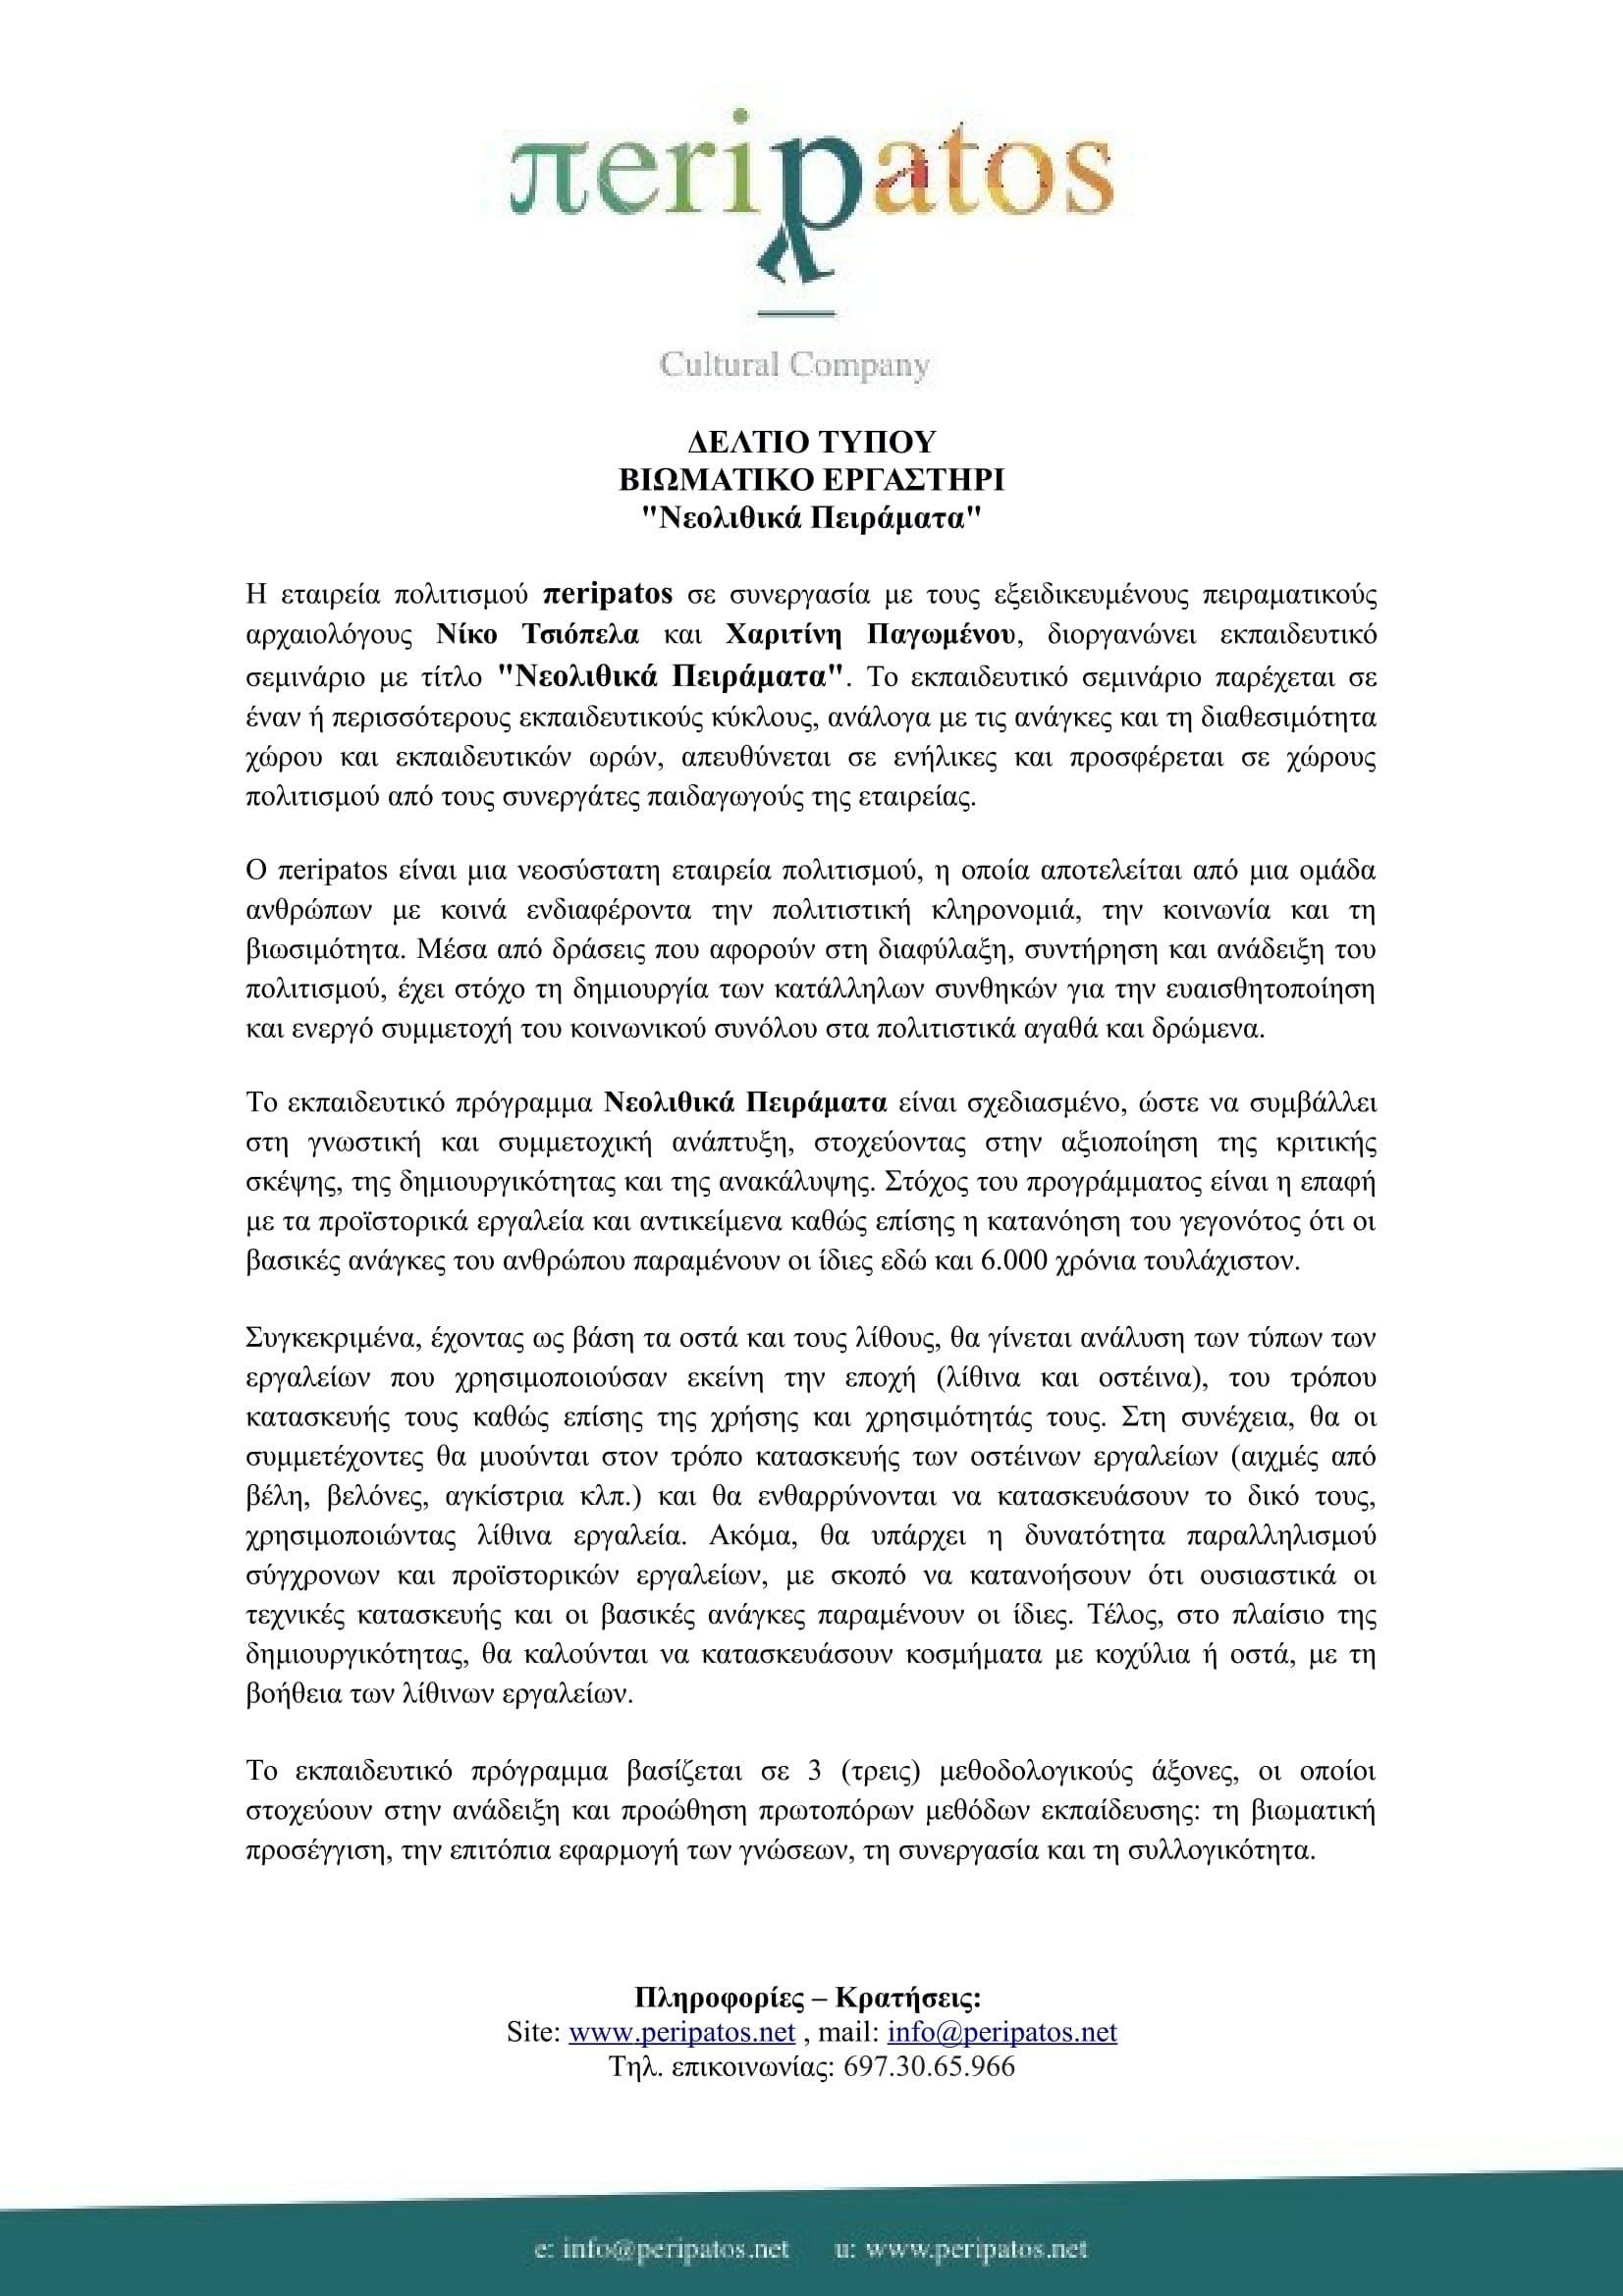 Δ.Τ Νεολιθικά Πειράματα-1